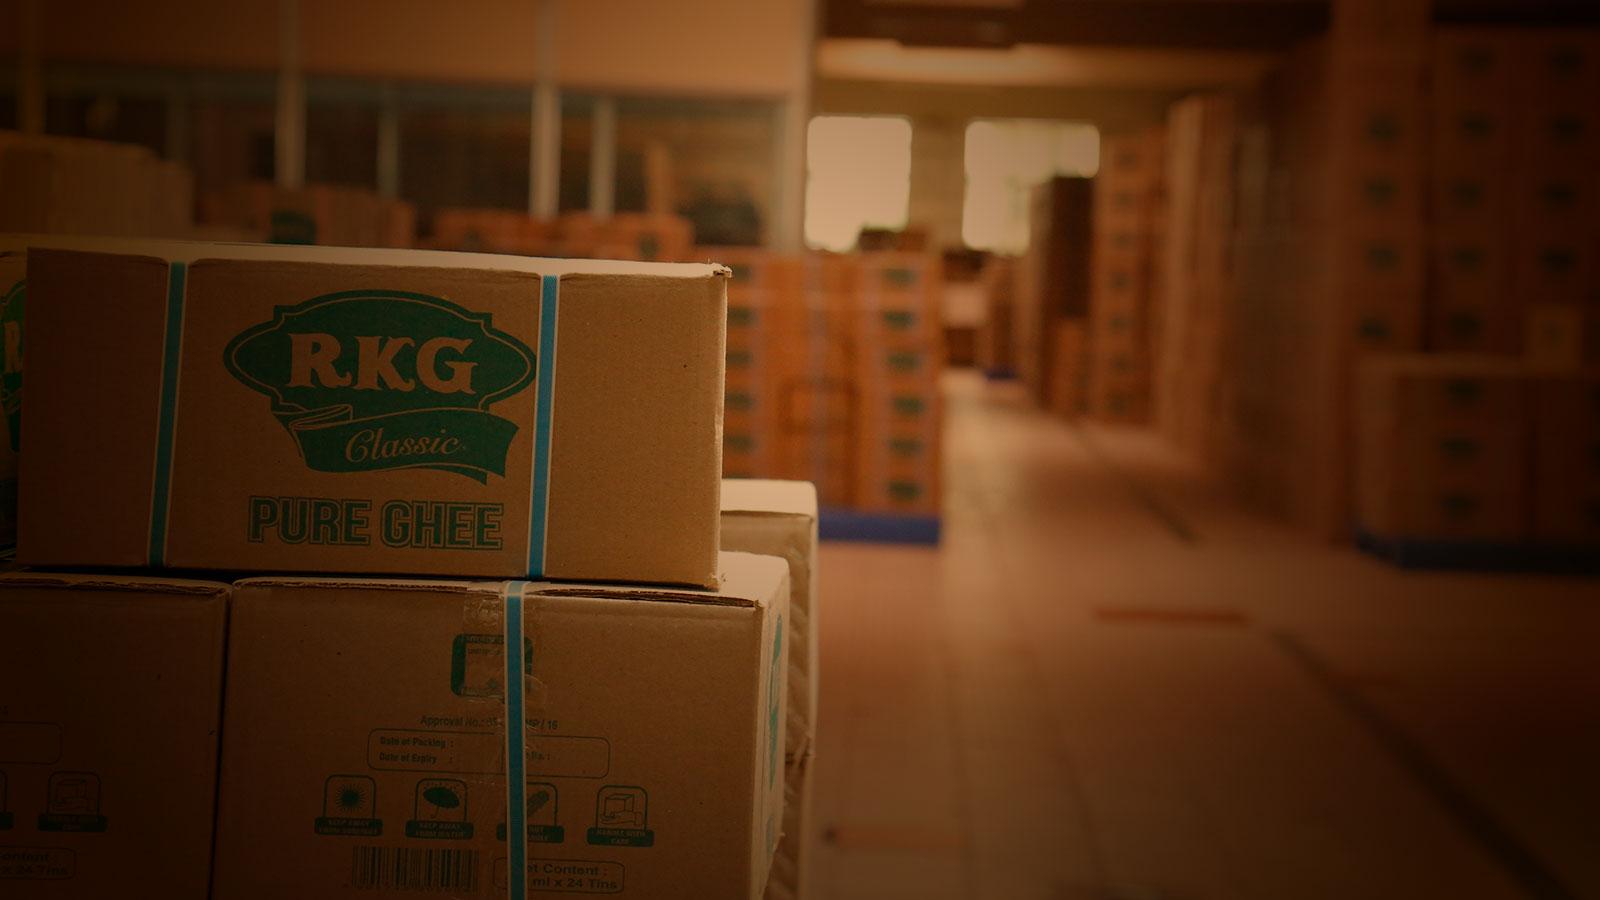 Ghee exporters